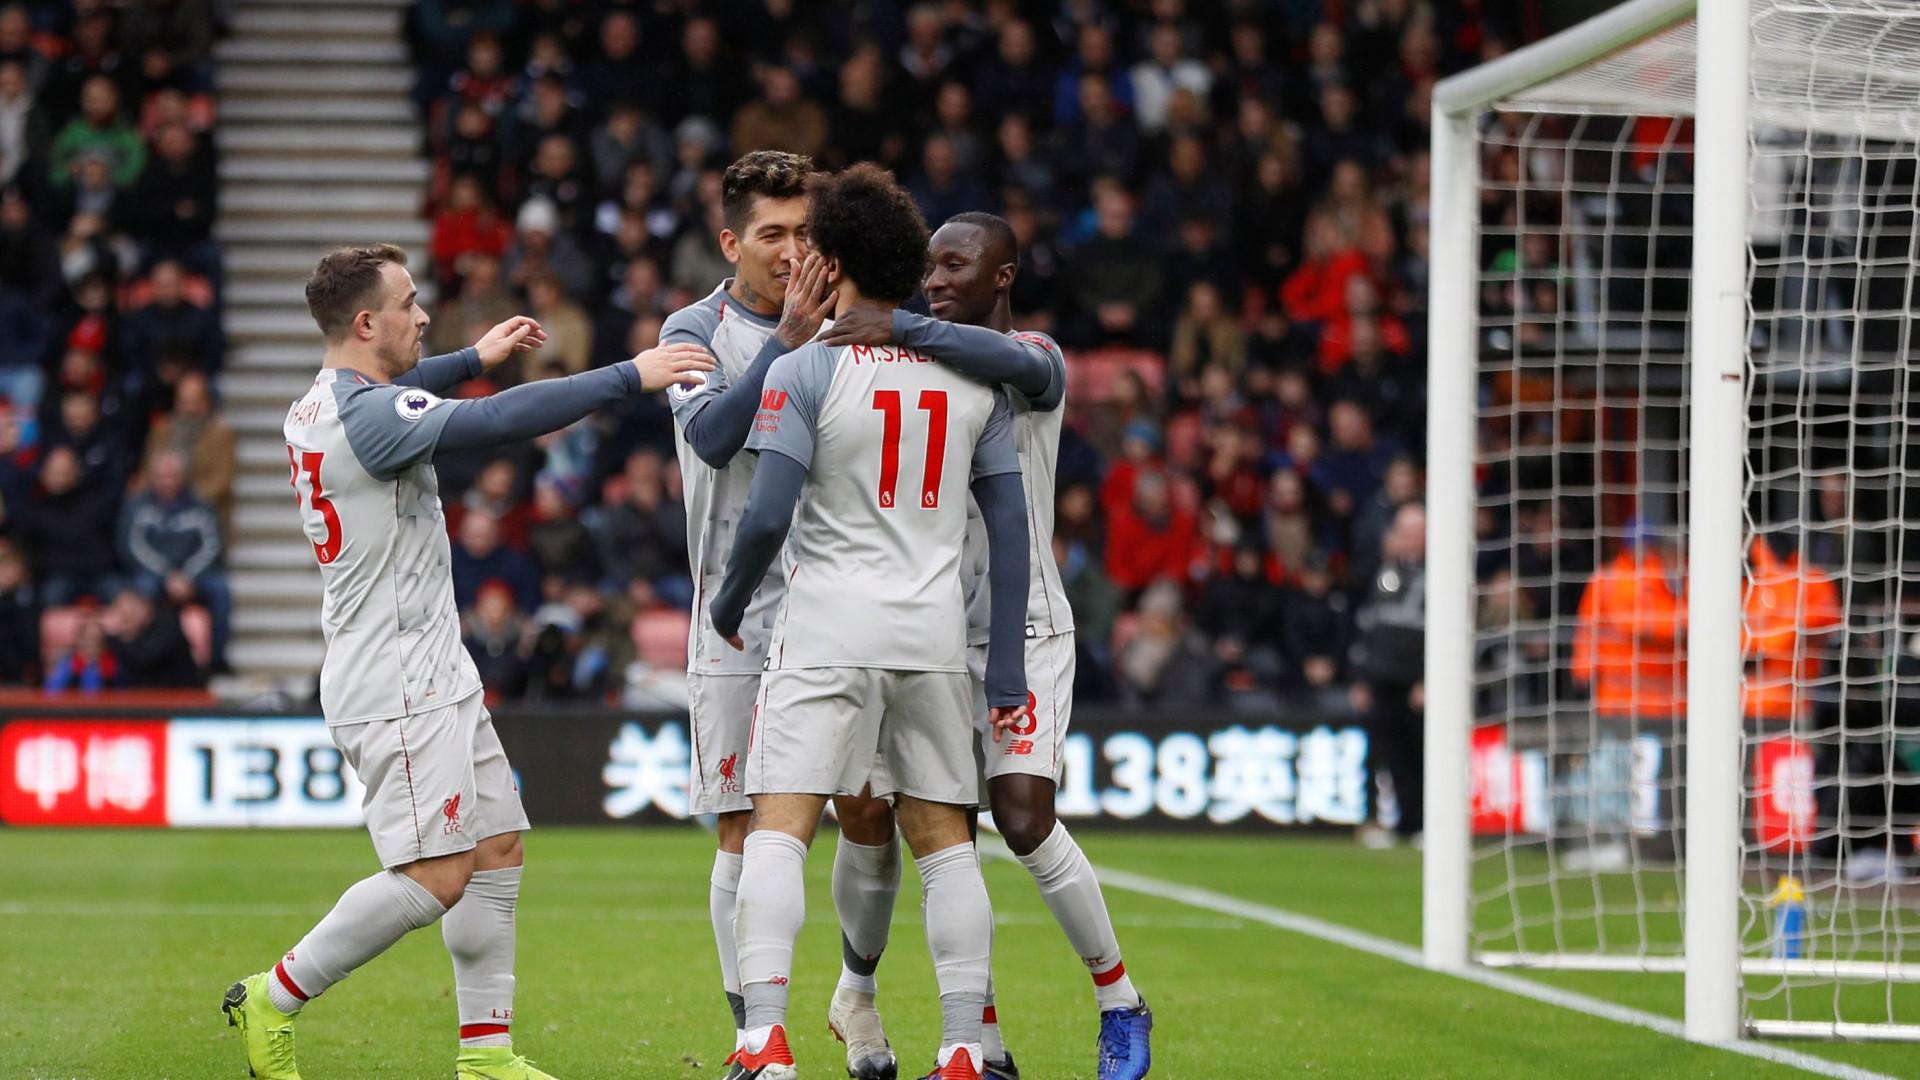 Liverpool goleia e assiste ao Chelsea-Manchester City de 'cadeirão'